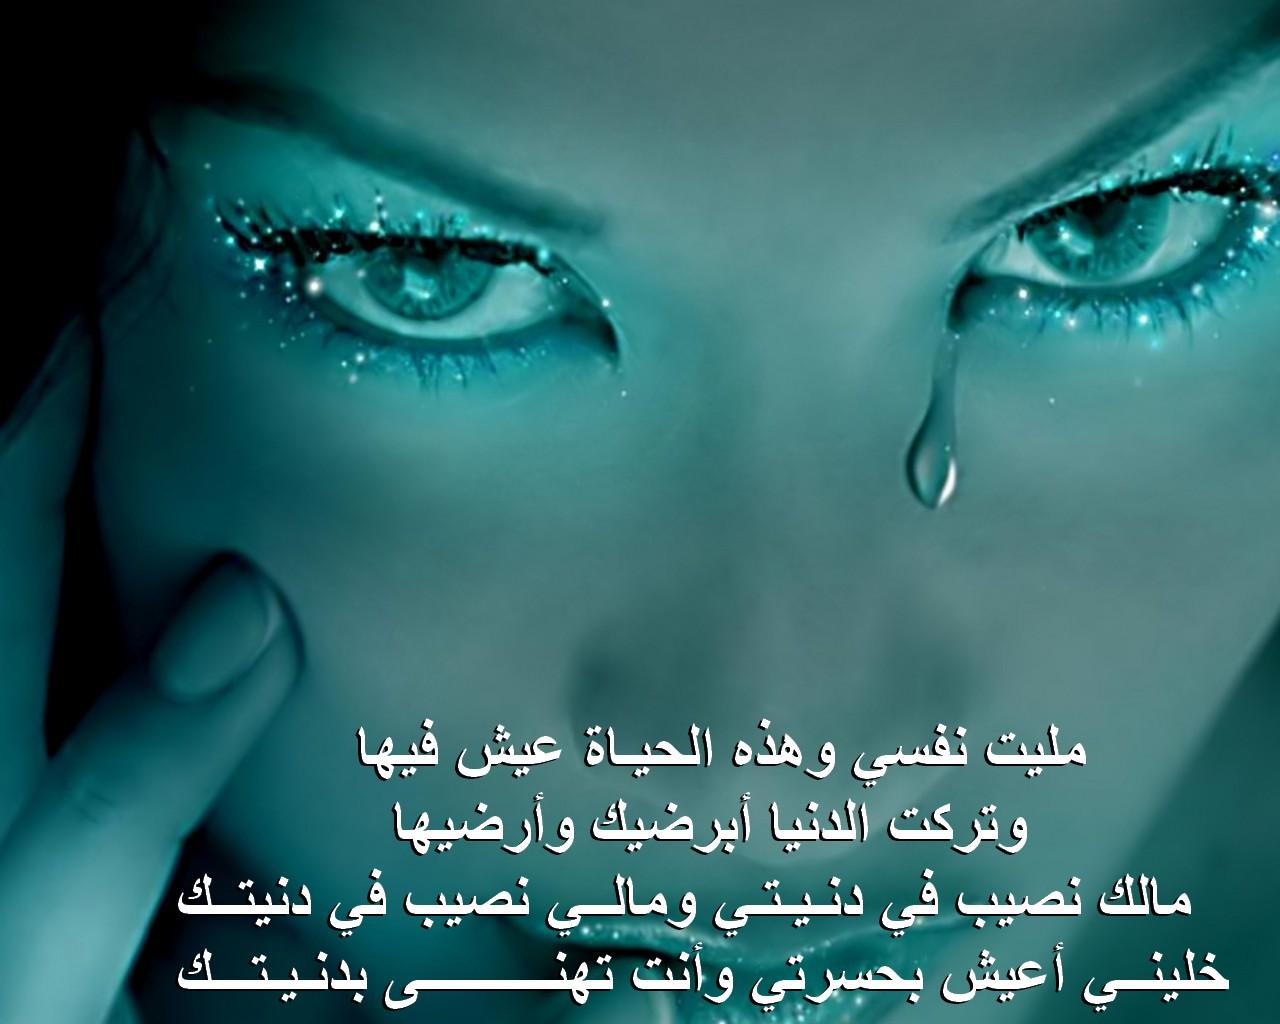 صور كلمات حزينة عن الحياة , اكثر كلمات حزينة وماثرا عن الحياة